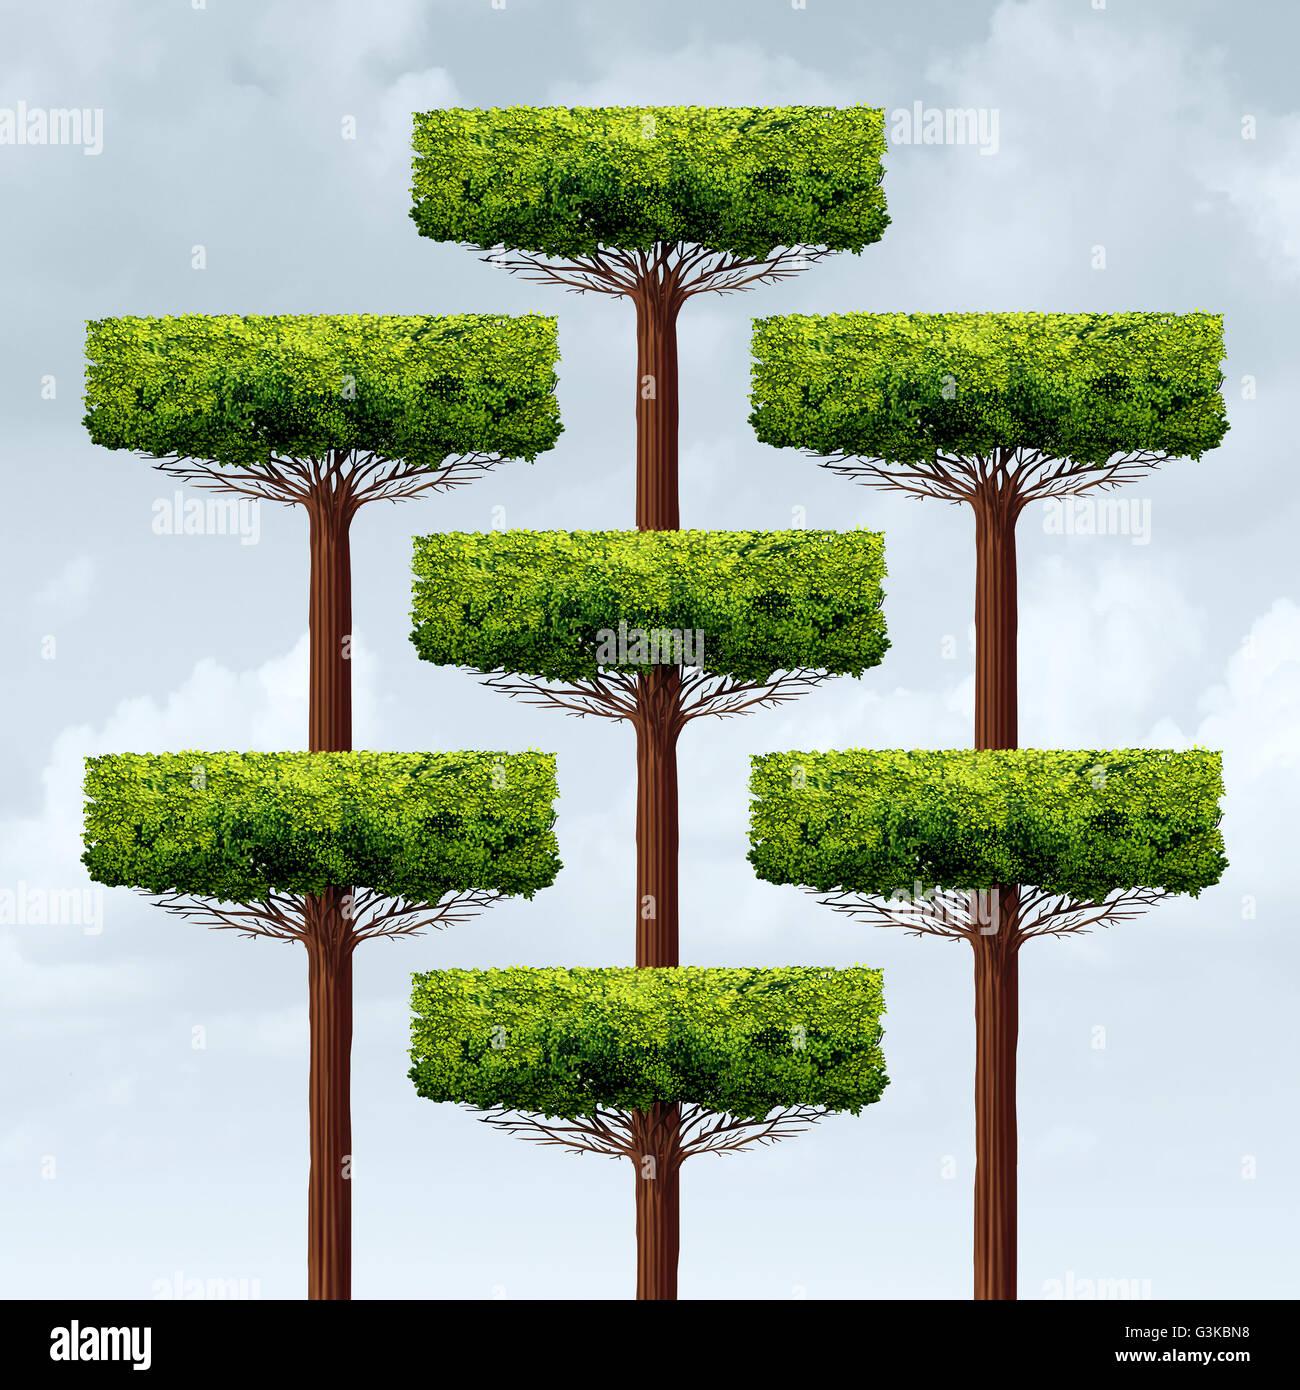 La croissance de la structure de l'organisation comme un groupe d'arbres de plus en plus organisée Photo Stock